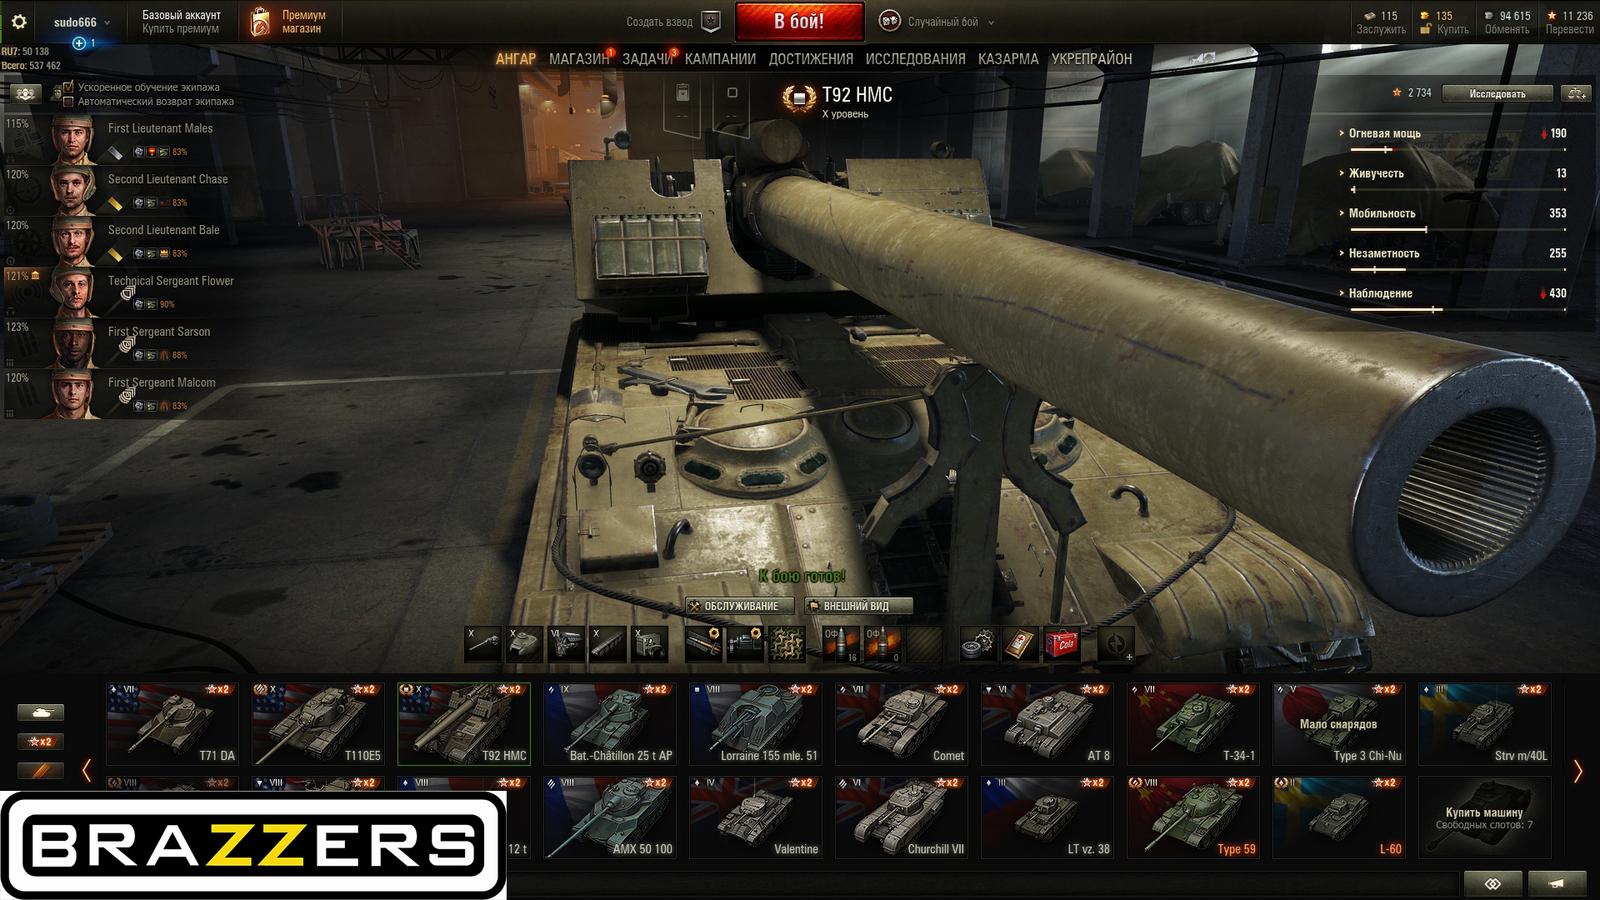 Мир танков порно ангар